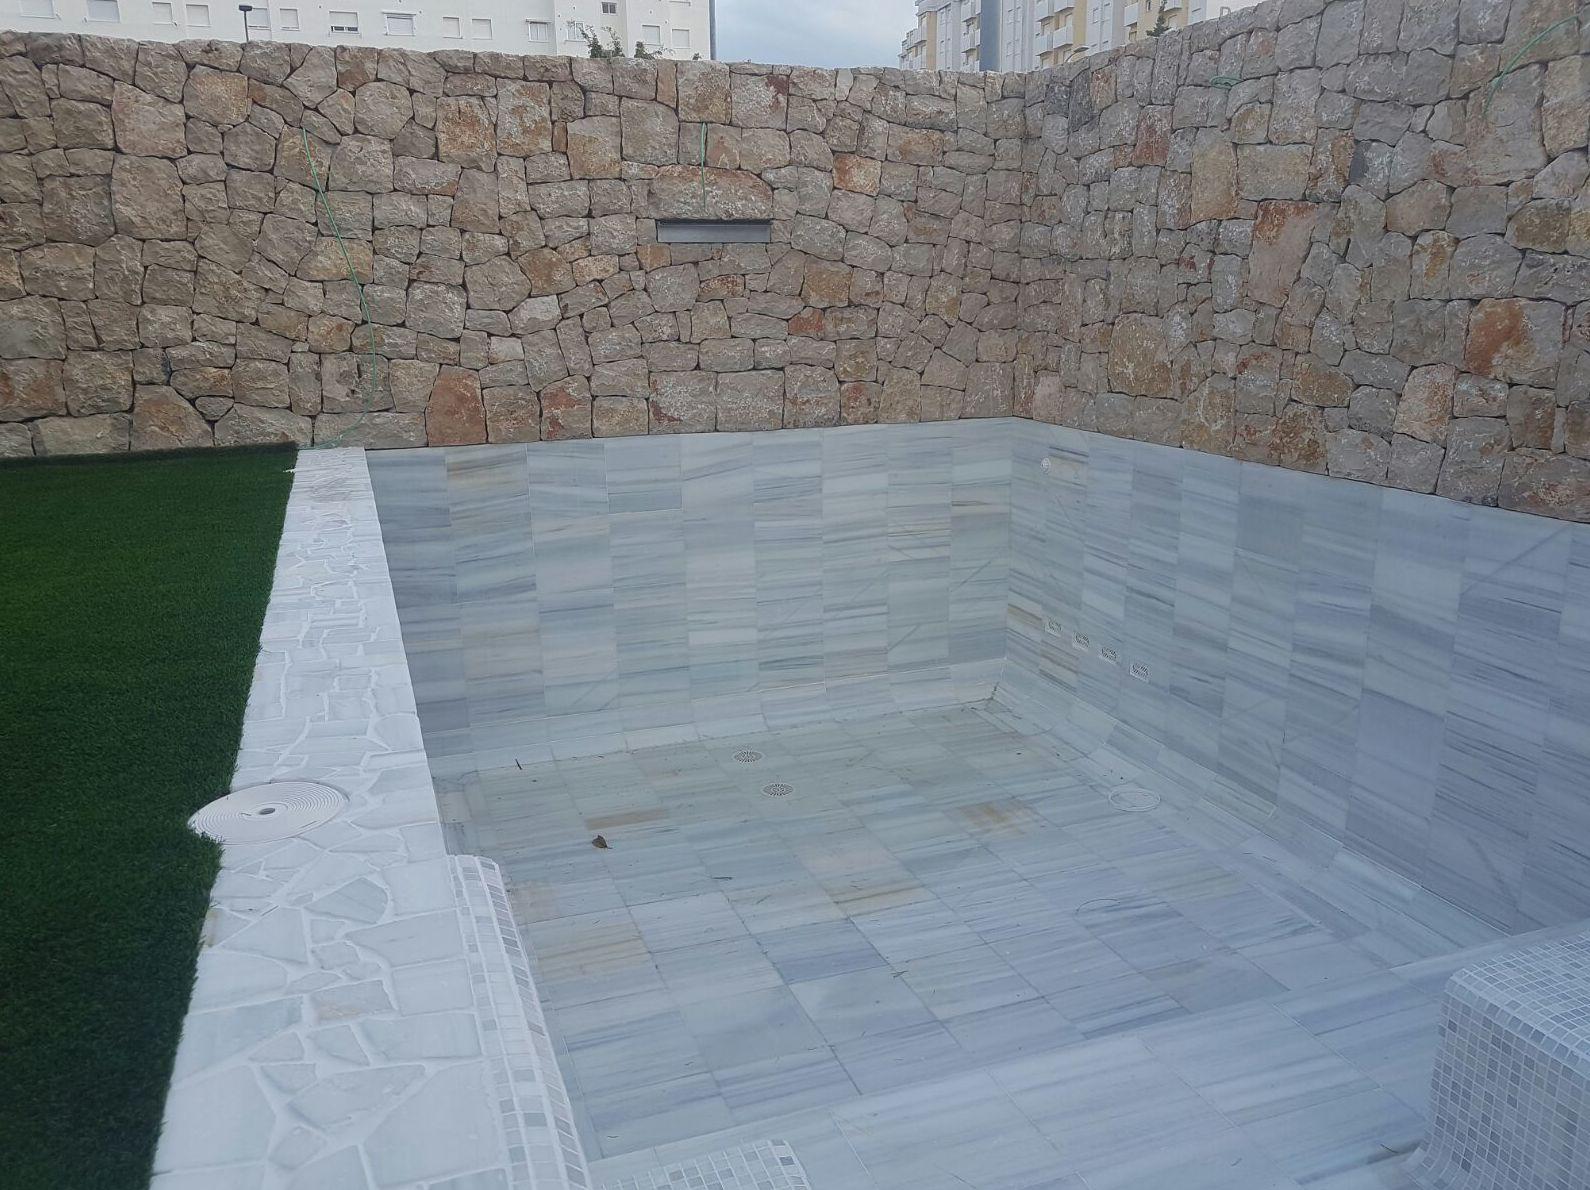 Construcci n de piscna 4 - Construccion de piscinas en valencia ...